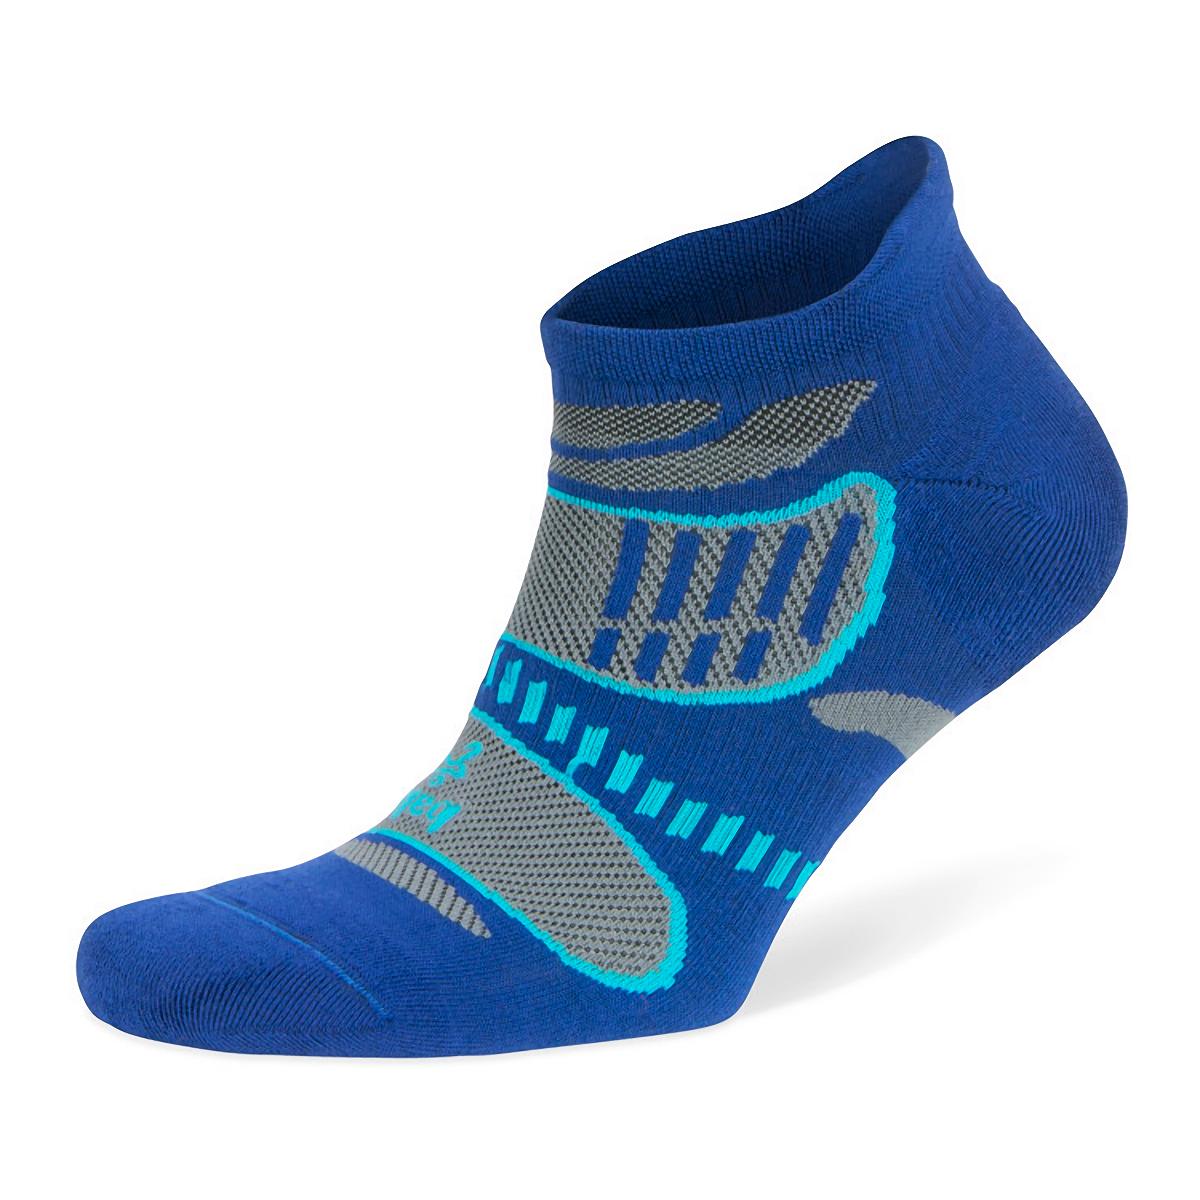 Balega Ultra Light No Show Tab Socks - Color: Cobalt - Size: S, Cobalt, large, image 3